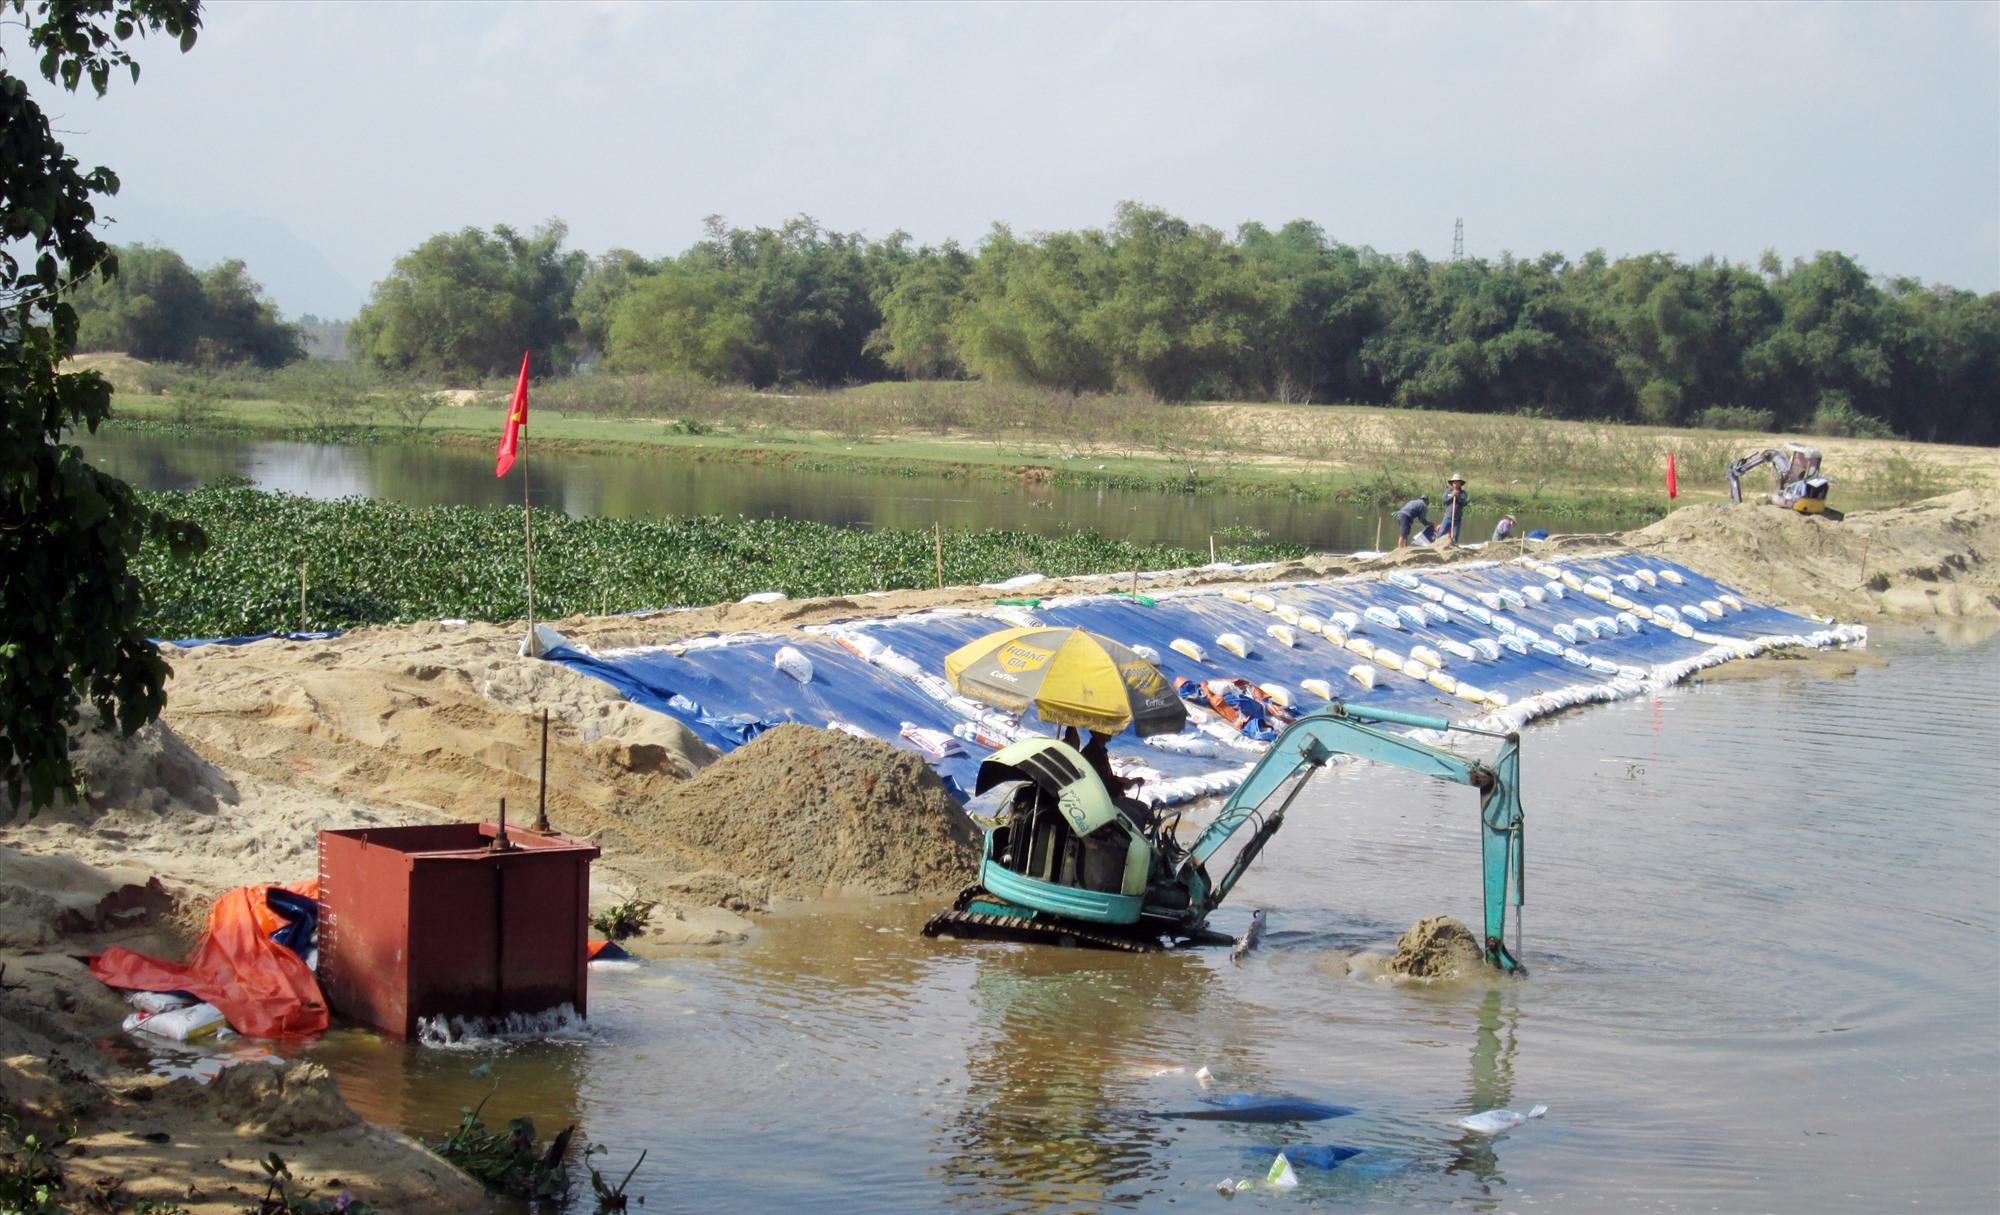 Những năm qua, cứ đầu vụ hè thu là các đơn vị liên quan phải ra quân đắp đập tạm ngăn mặn - giữ ngọt trên sông Thu Bồn. Ảnh: N.S